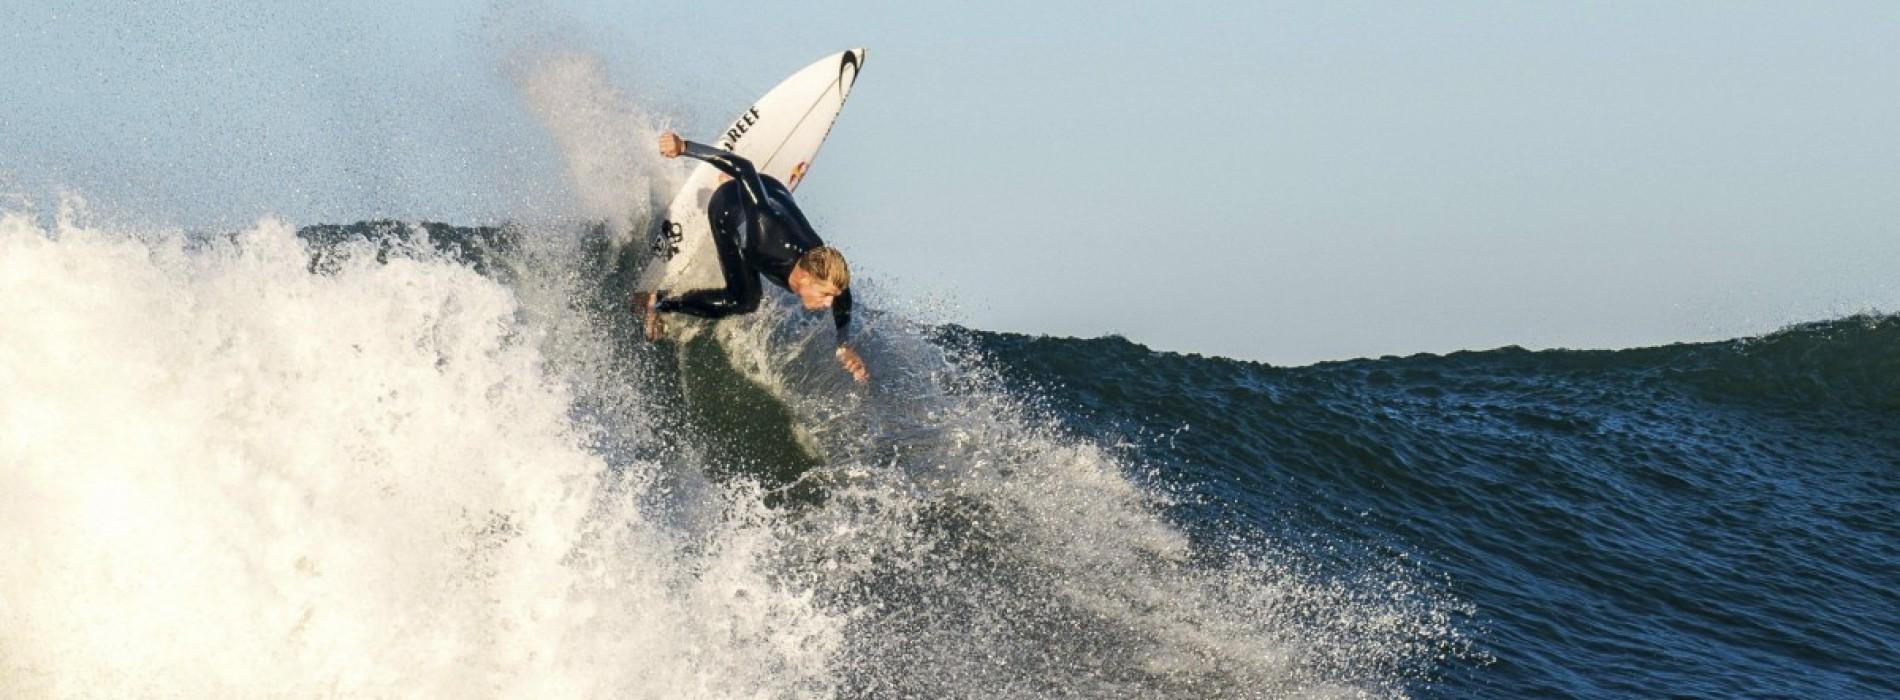 """Surfer-ul atacat de rechin: """"Mental sunt devastat"""""""